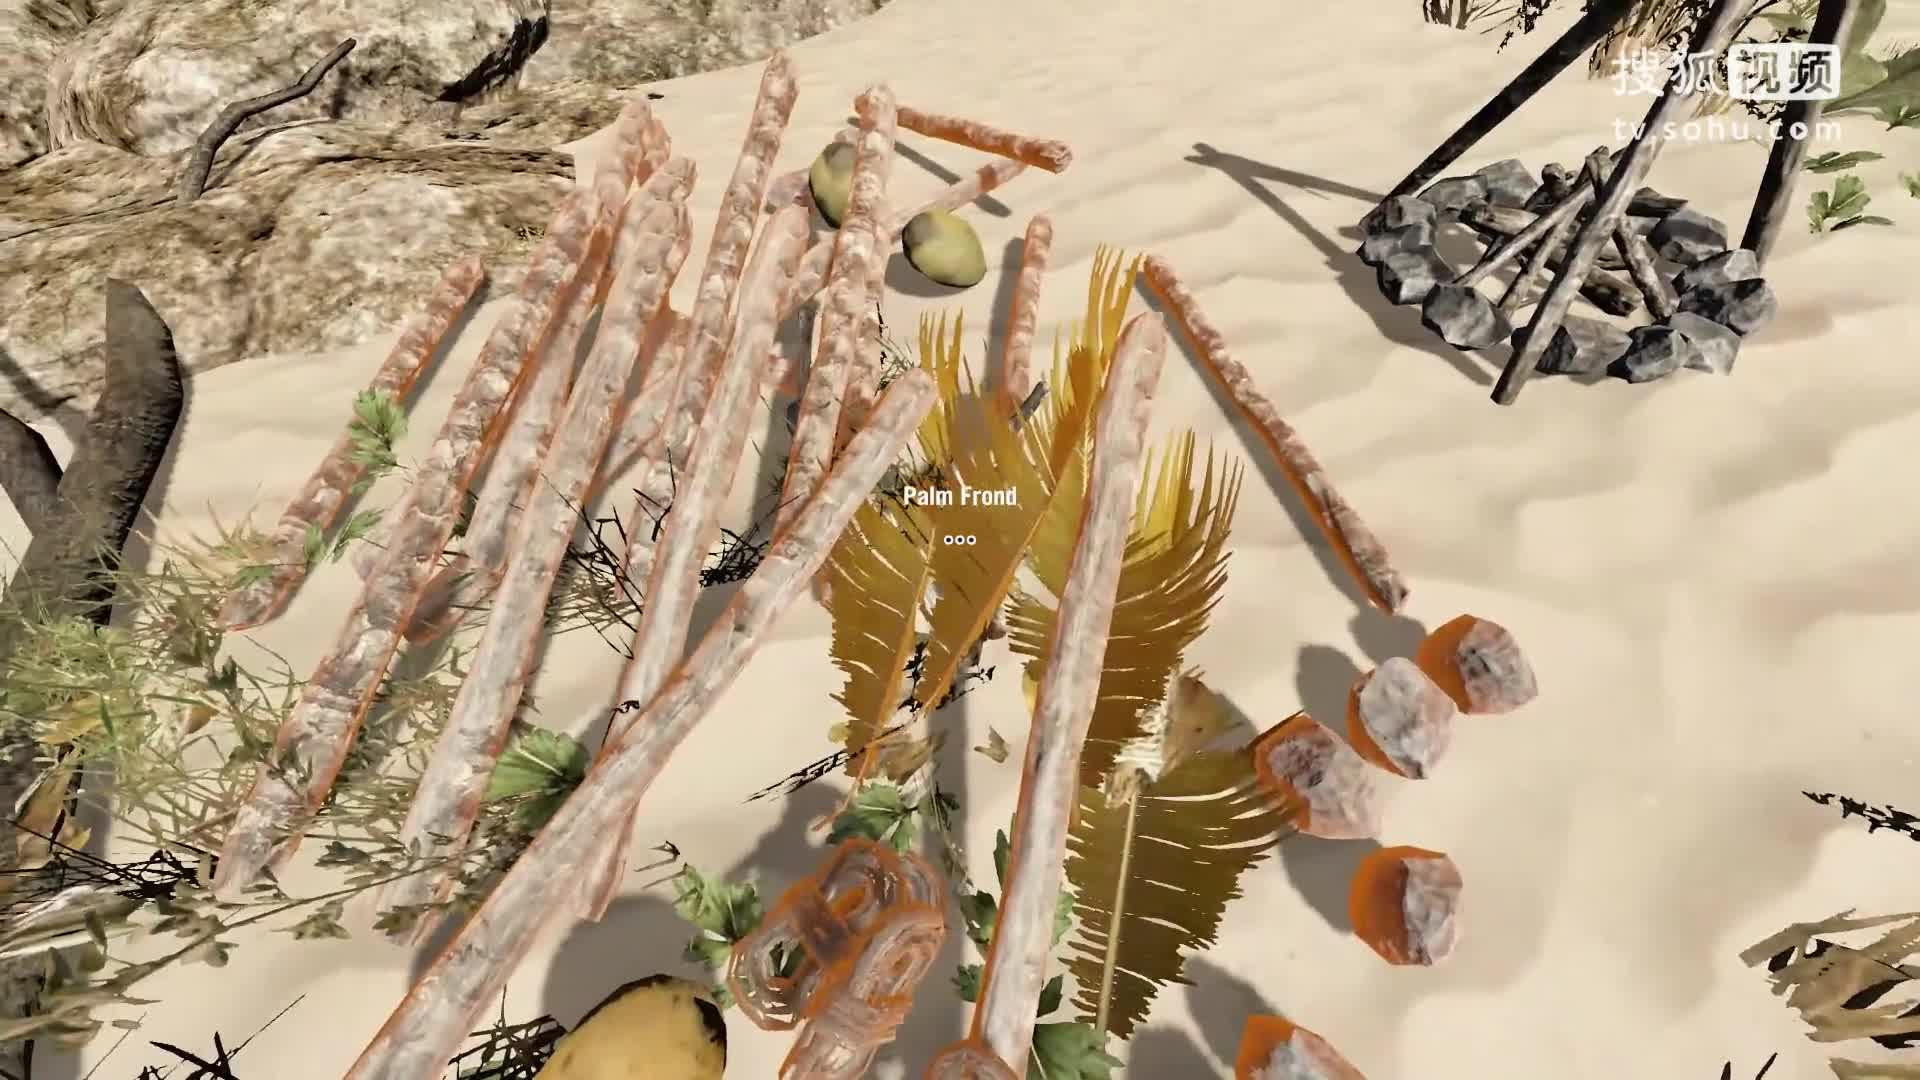 【独播】【荒岛求生】小耶-流浪在孤岛上 第3集 我开始做影片的原因是